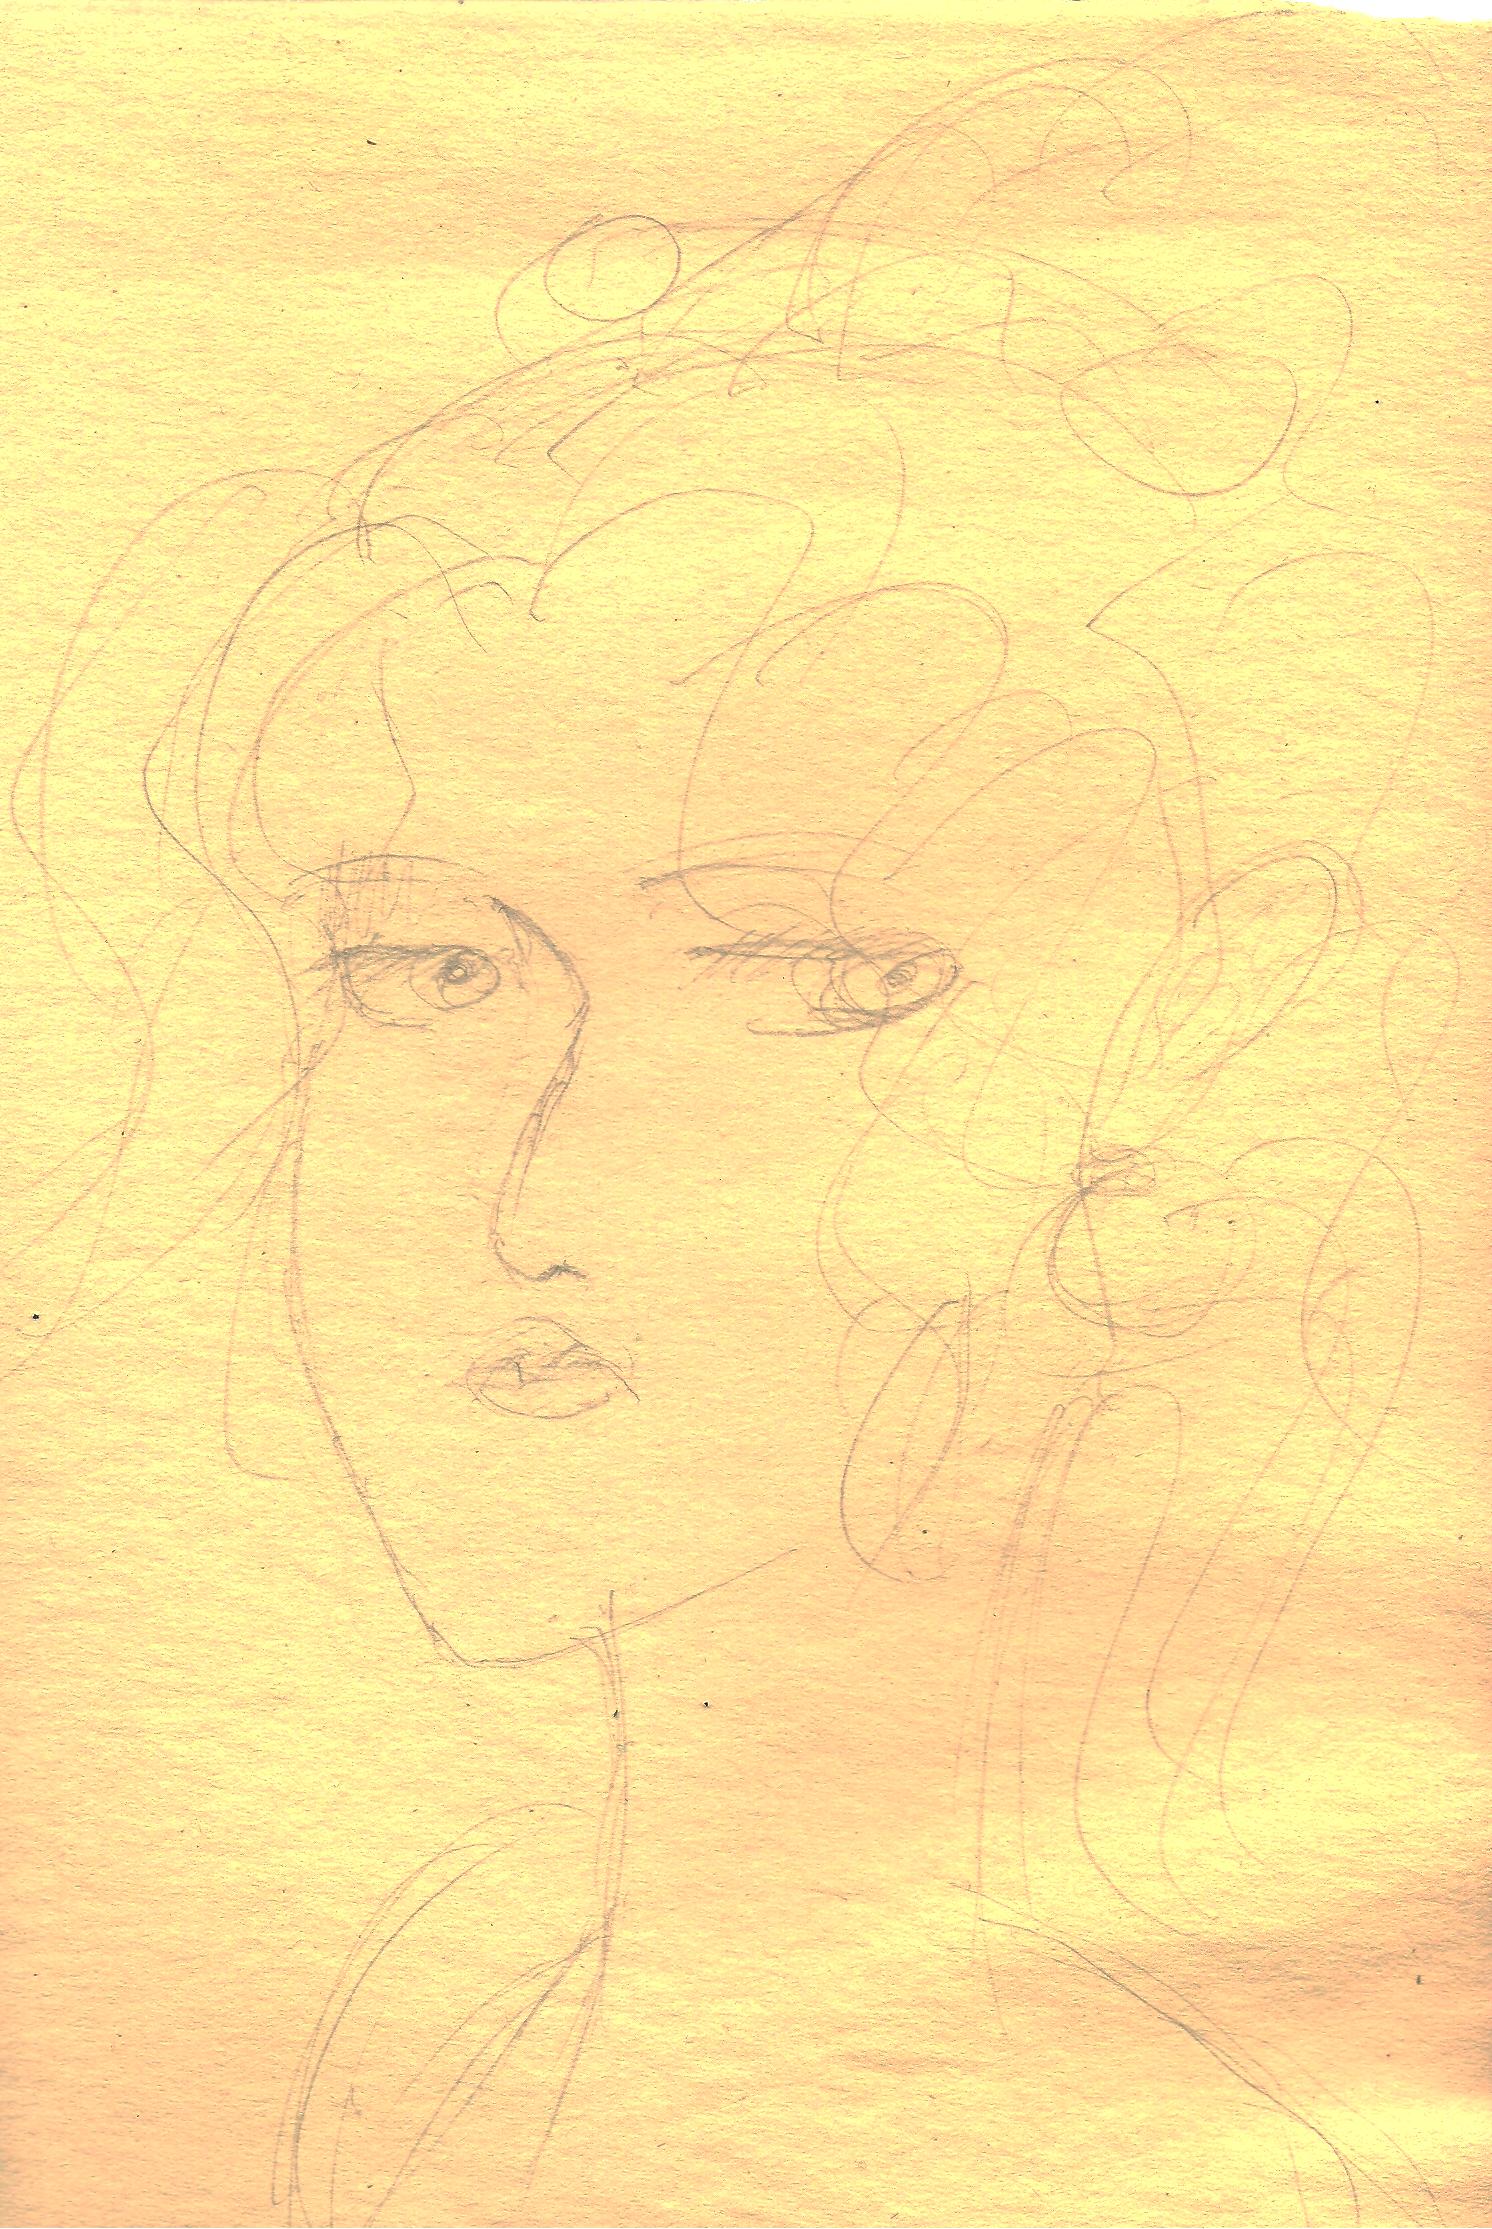 Amano Practice 1